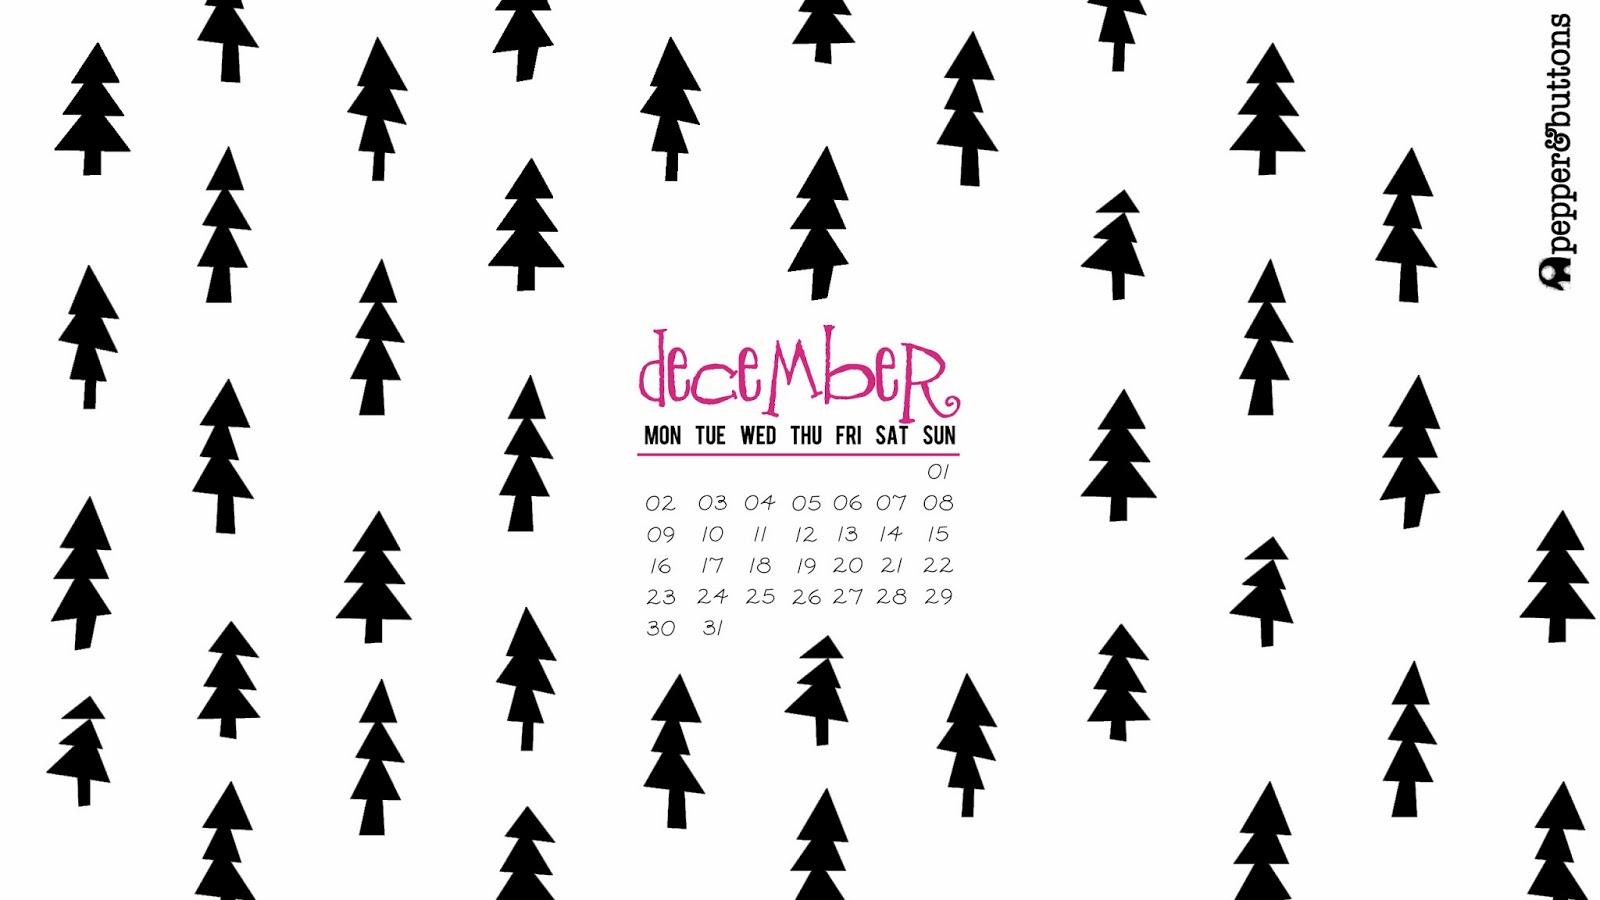 pepper and buttons  december 2013 free desktop calendar